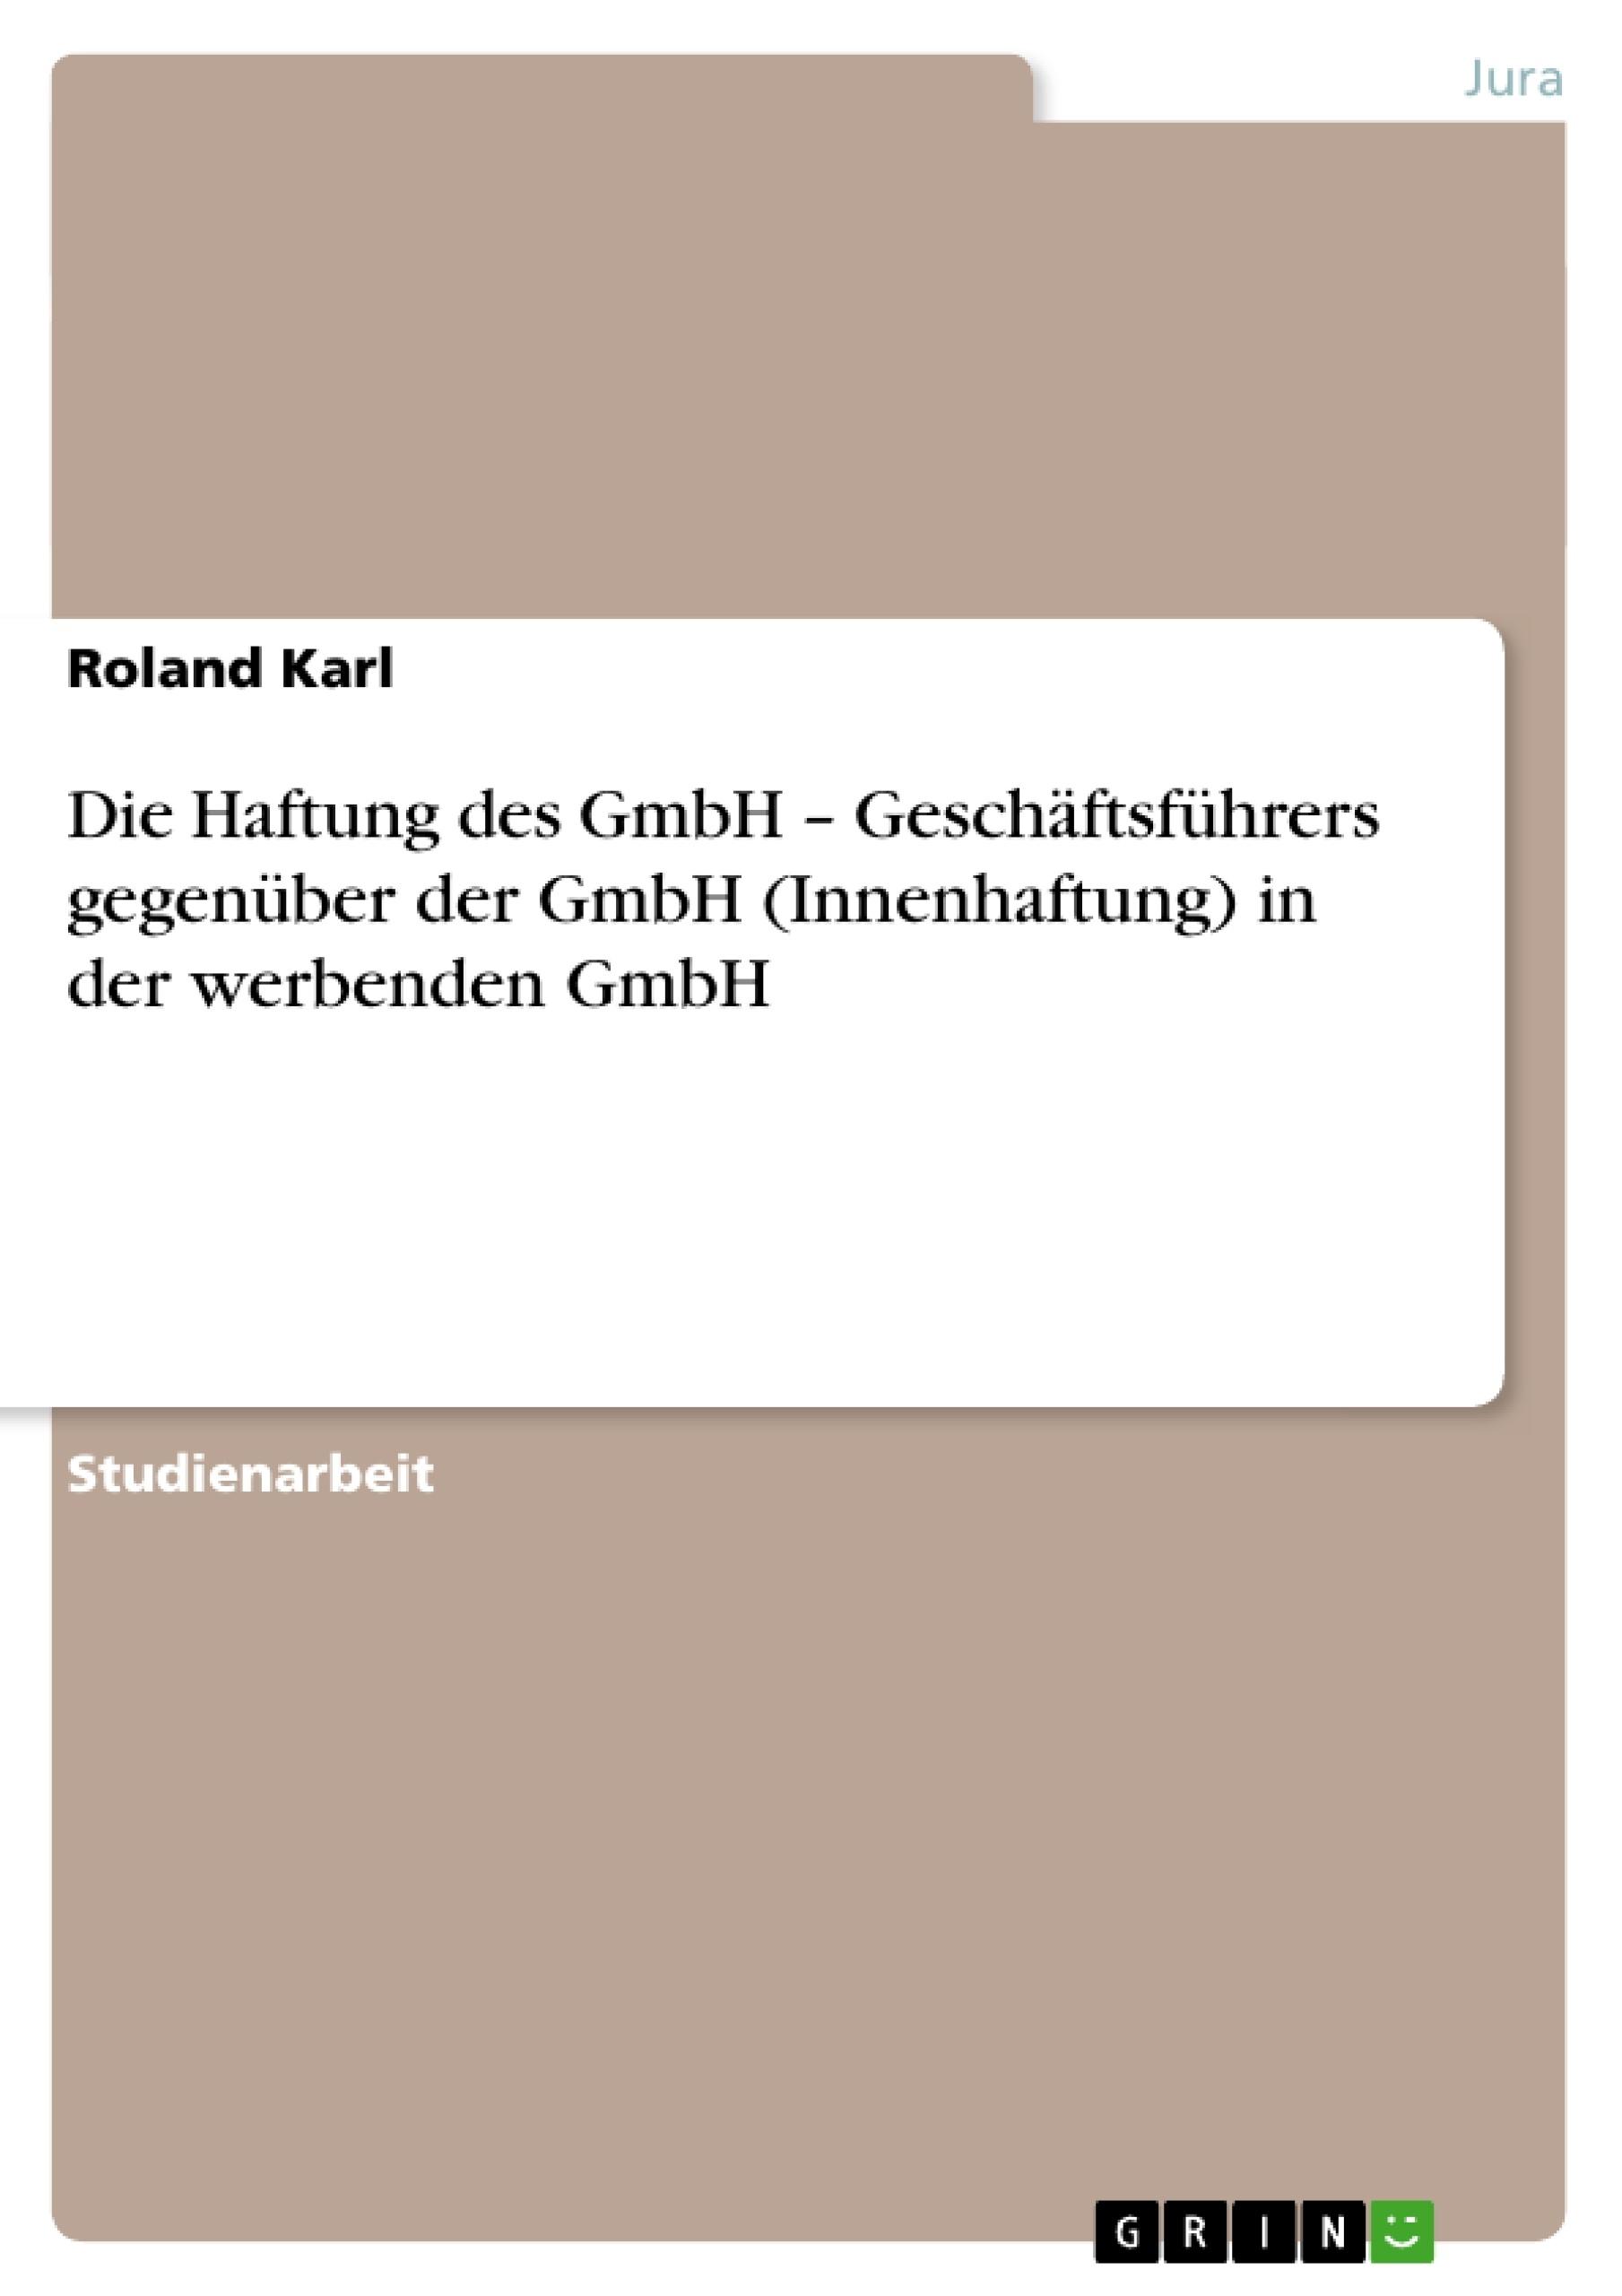 Titel: Die Haftung des GmbH – Geschäftsführers gegenüber der GmbH (Innenhaftung) in der werbenden GmbH